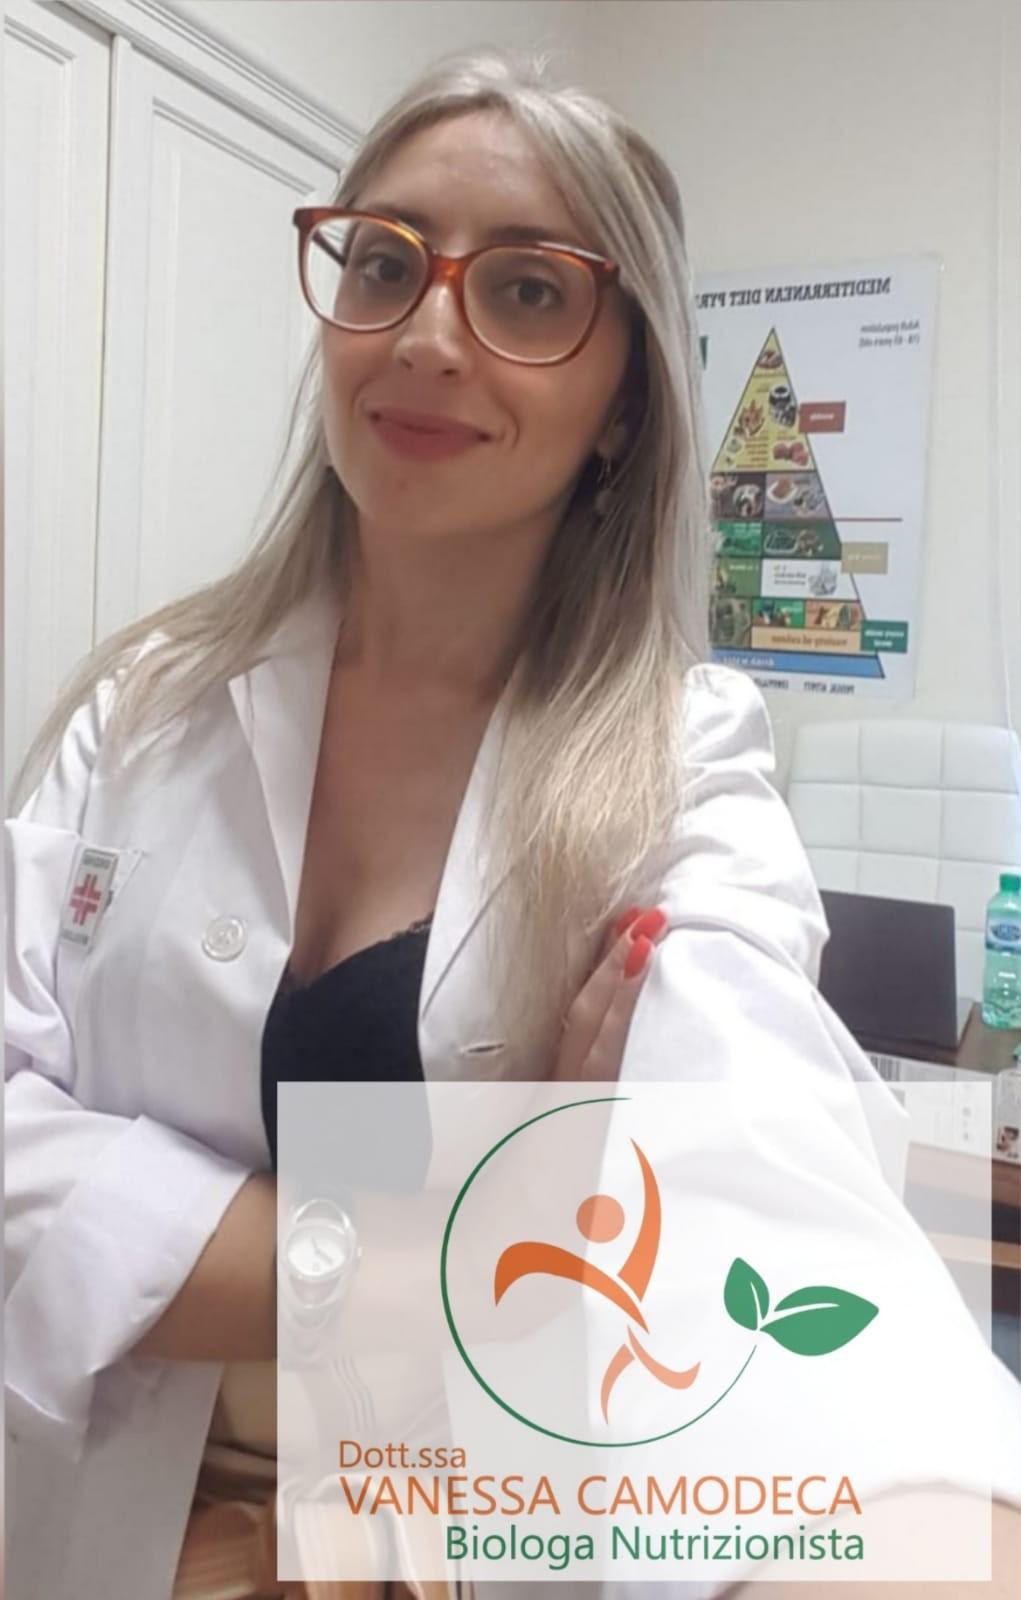 In centro! Visita nutrizionale con misurazione bioimpedenziometrica + stesura dieta personalizzata e protocolli dieta chetogenica dalla Dott.ssa Camodeca Vanessa!